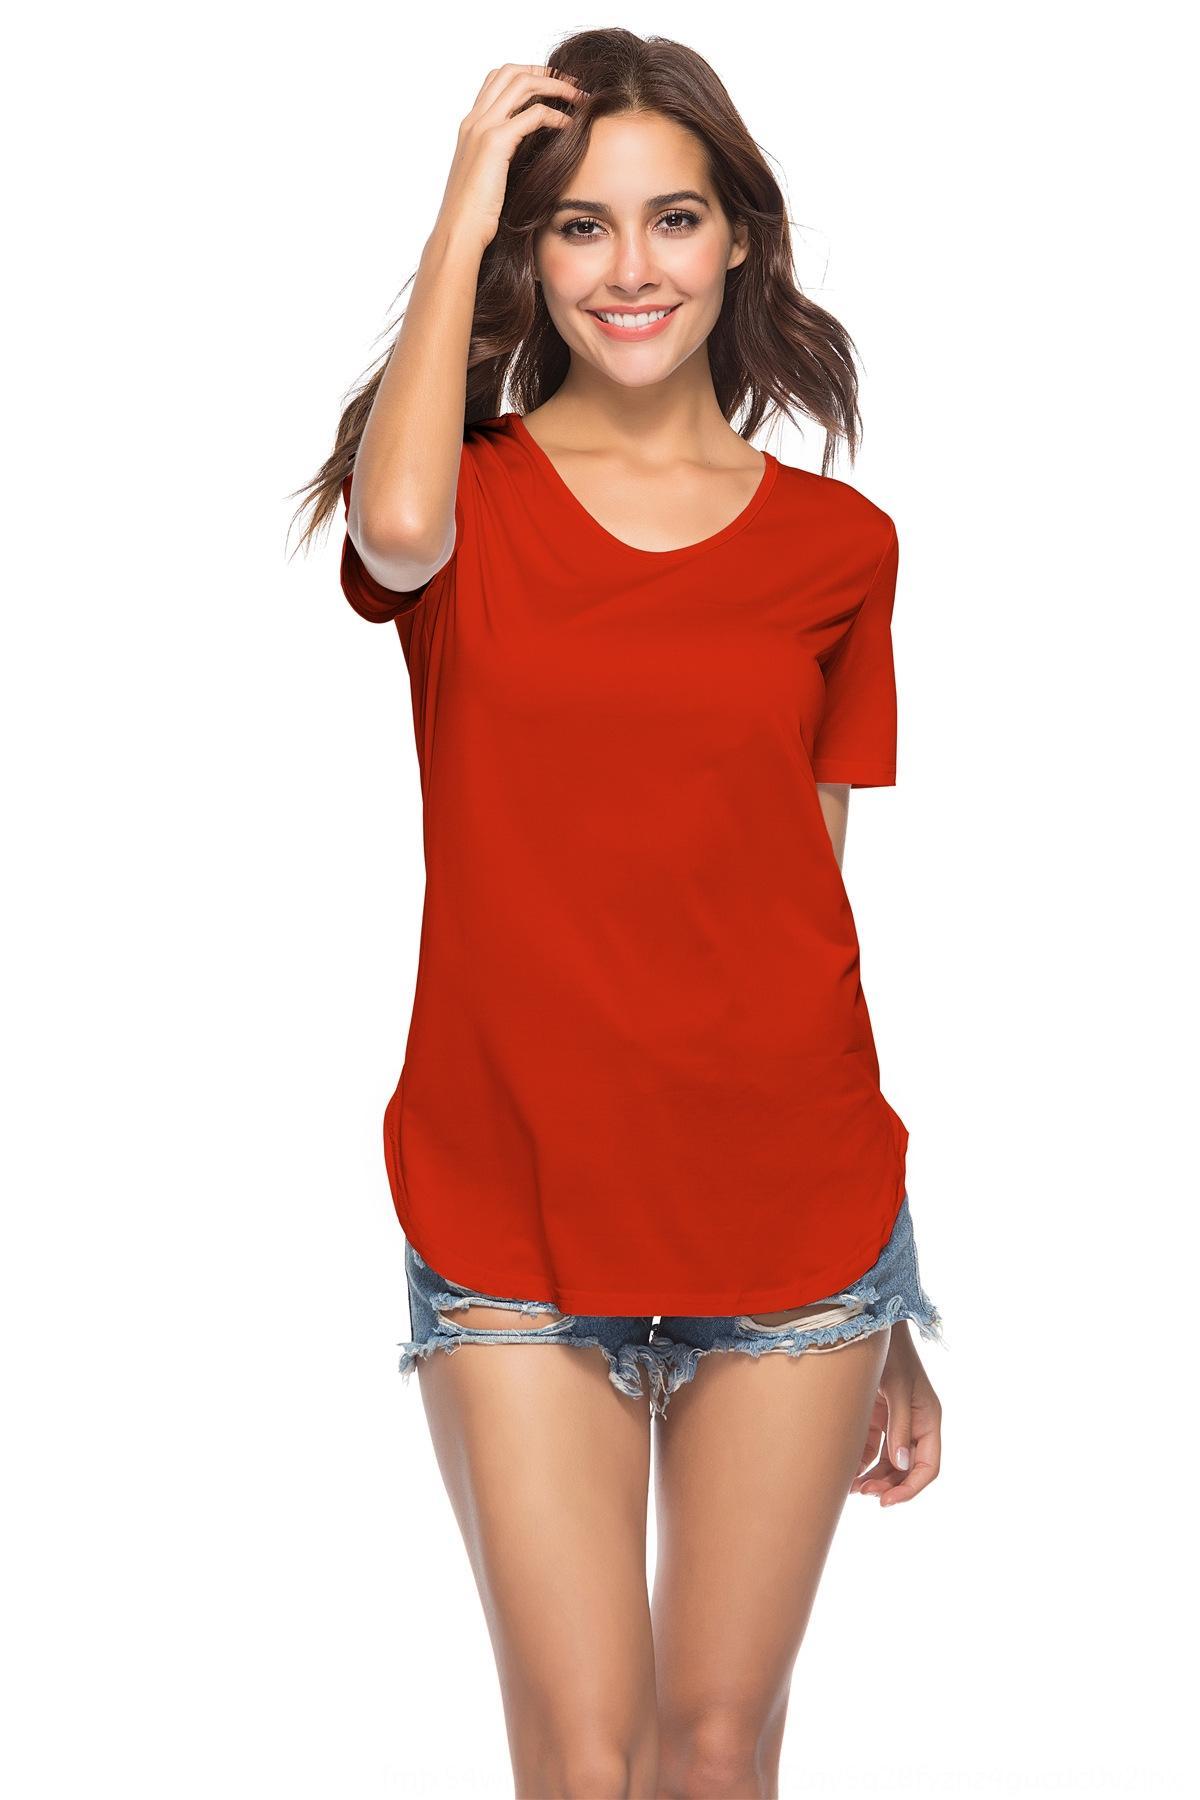 h4eIf новые летние одежды нерегулярное большого размера сплошного цвета сексуальное 8 цвет 5 размера YD2159 платье платье